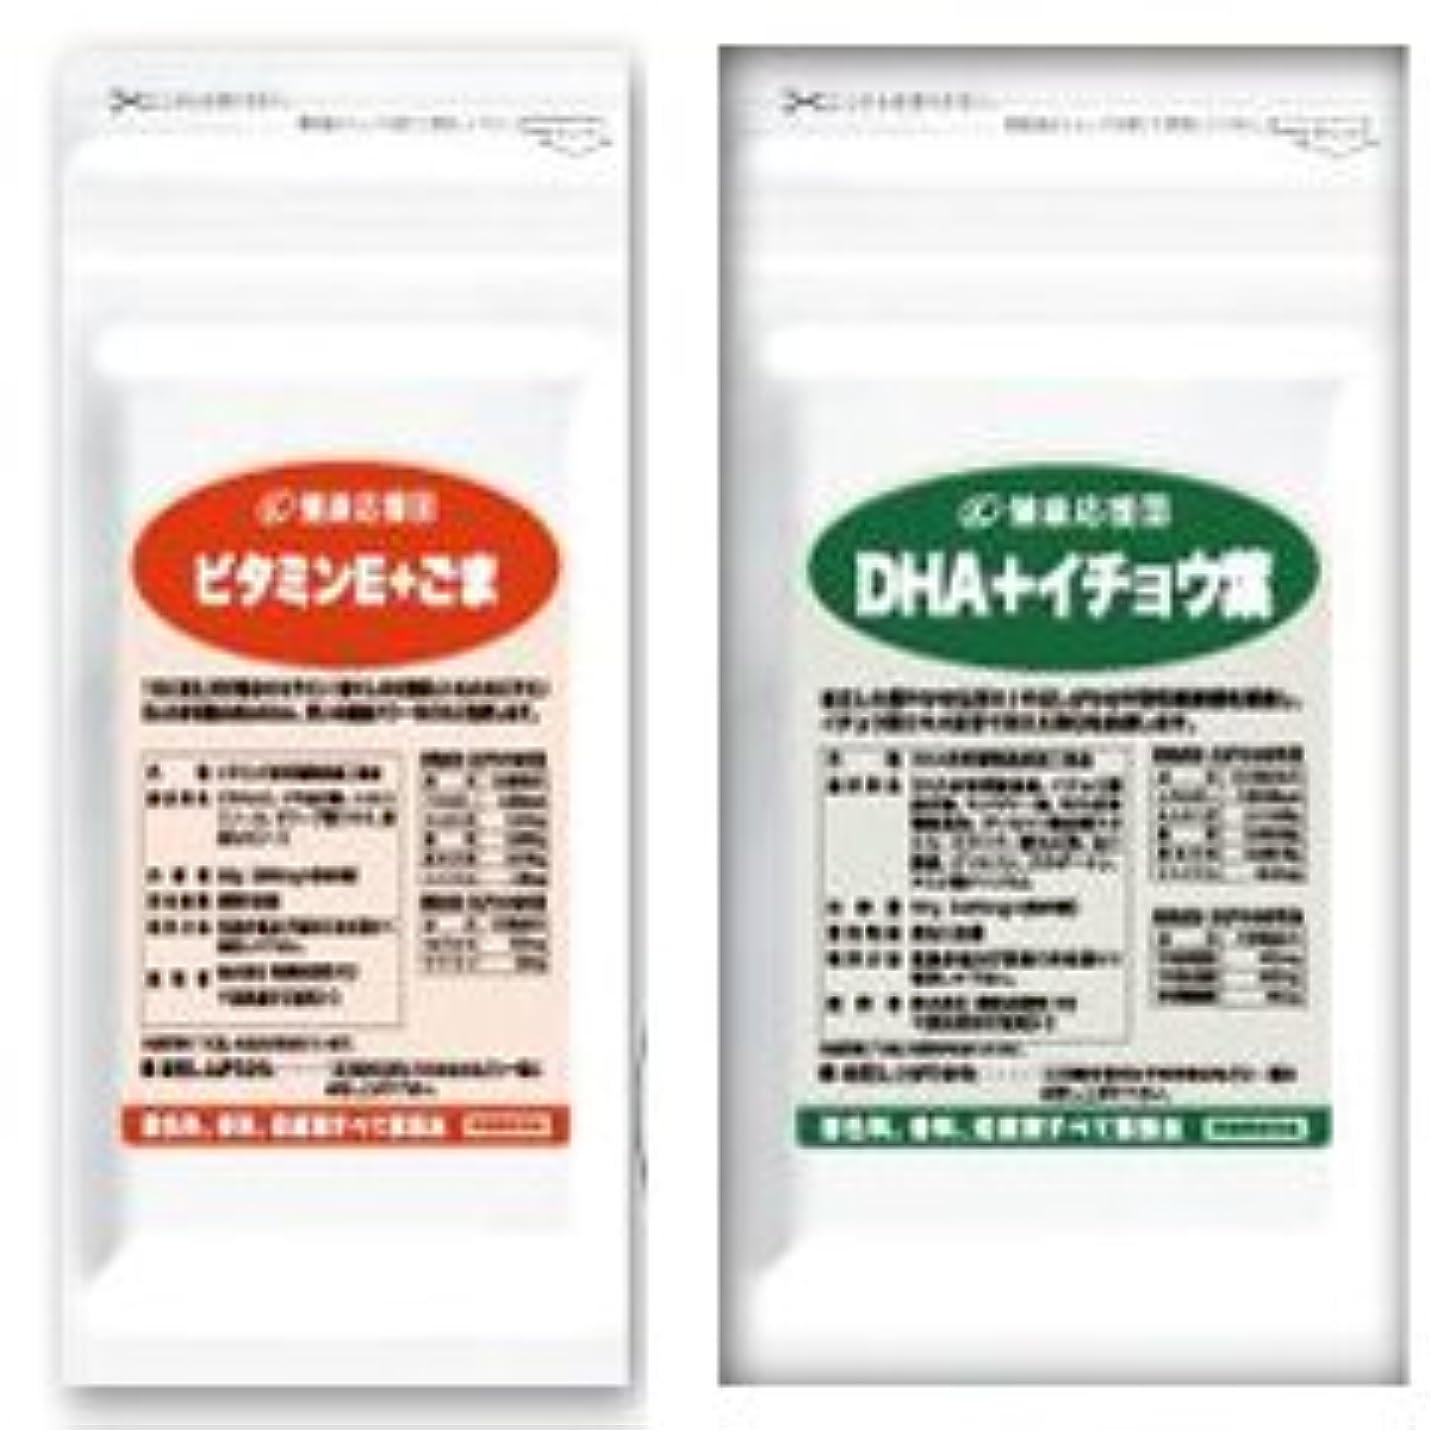 神の変換ガジュマル(お徳用6か月分)毎日元気セット (ビタミンE+ごま) + (DHA+イチョウ葉エキス)6袋&6袋セット (DHA?EPA?ビタミンE?セサミン)